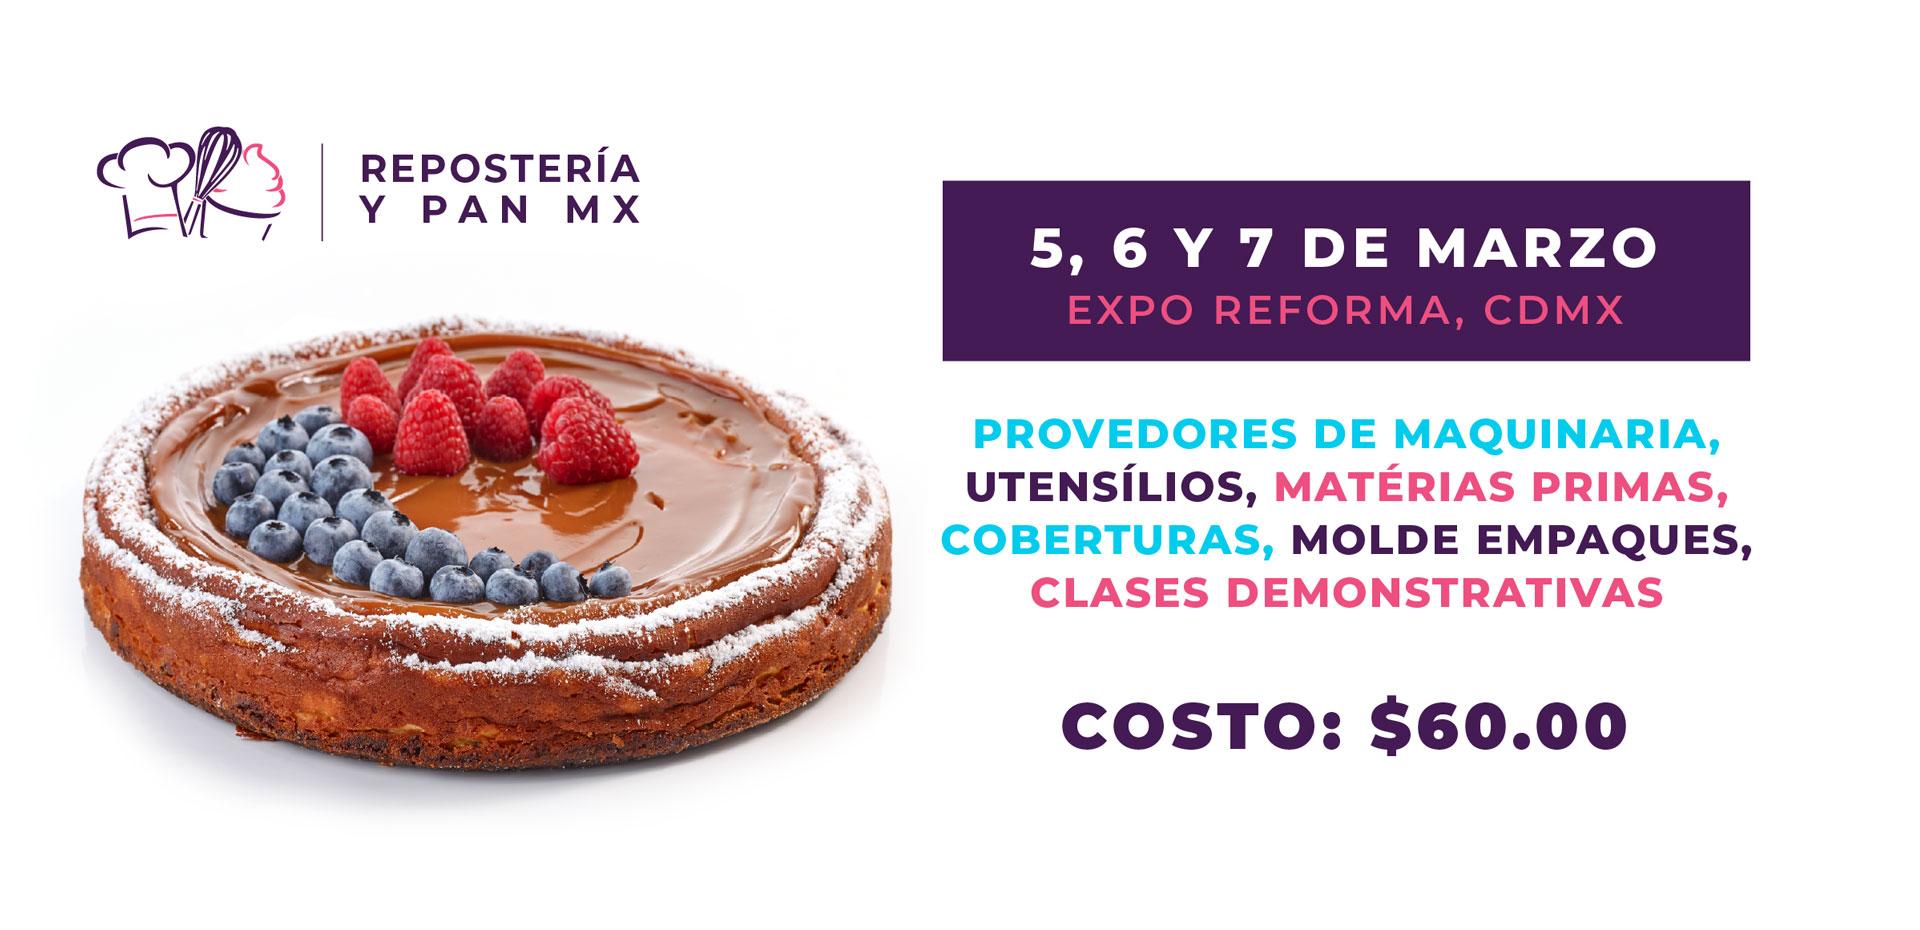 Repostería y Pan MX